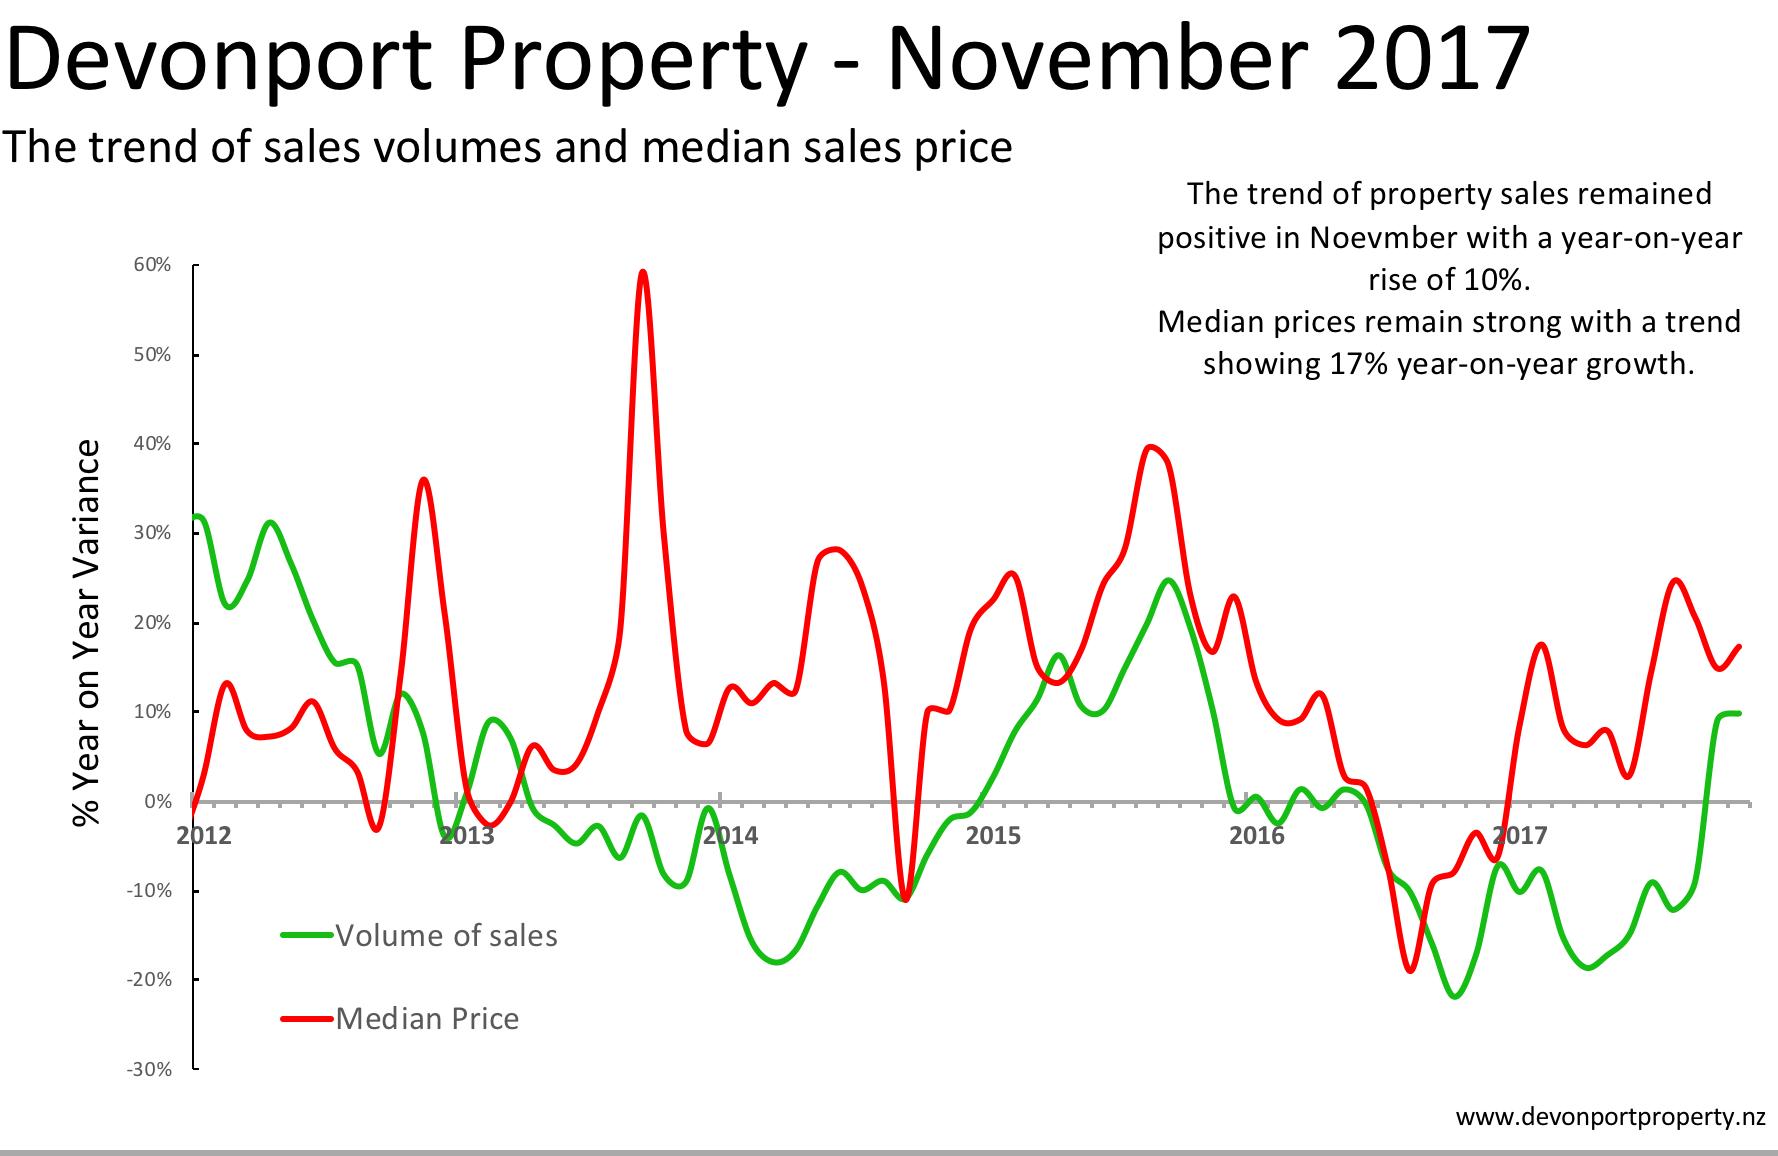 Devonport property sales and median price trends All property Nov 17.png